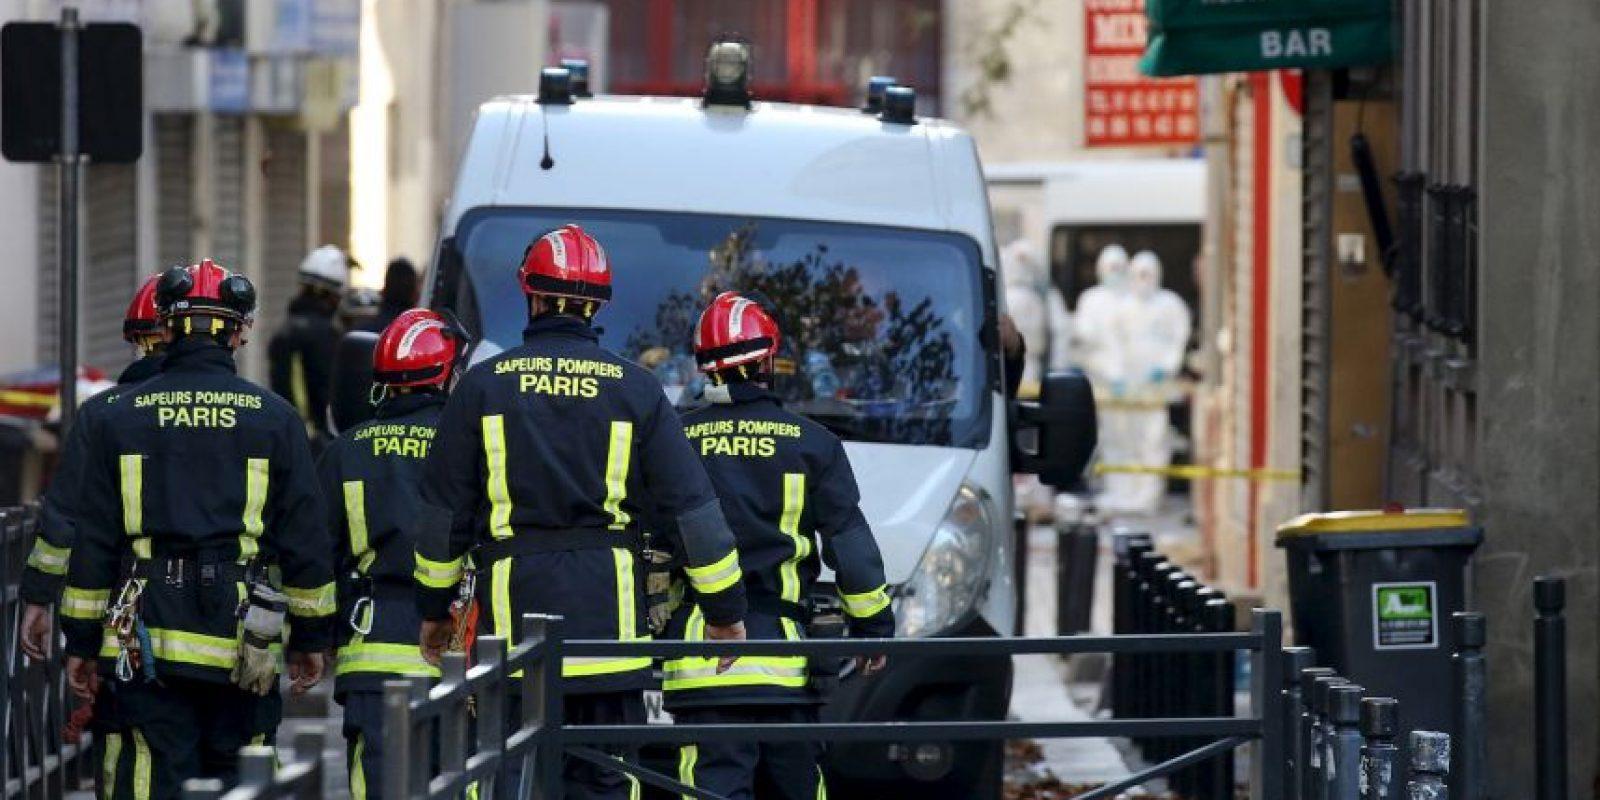 Este se trata de Abdelhamid Abaaoud, el presunto responsable de los atentados del viernes 13. Foto:Getty Images